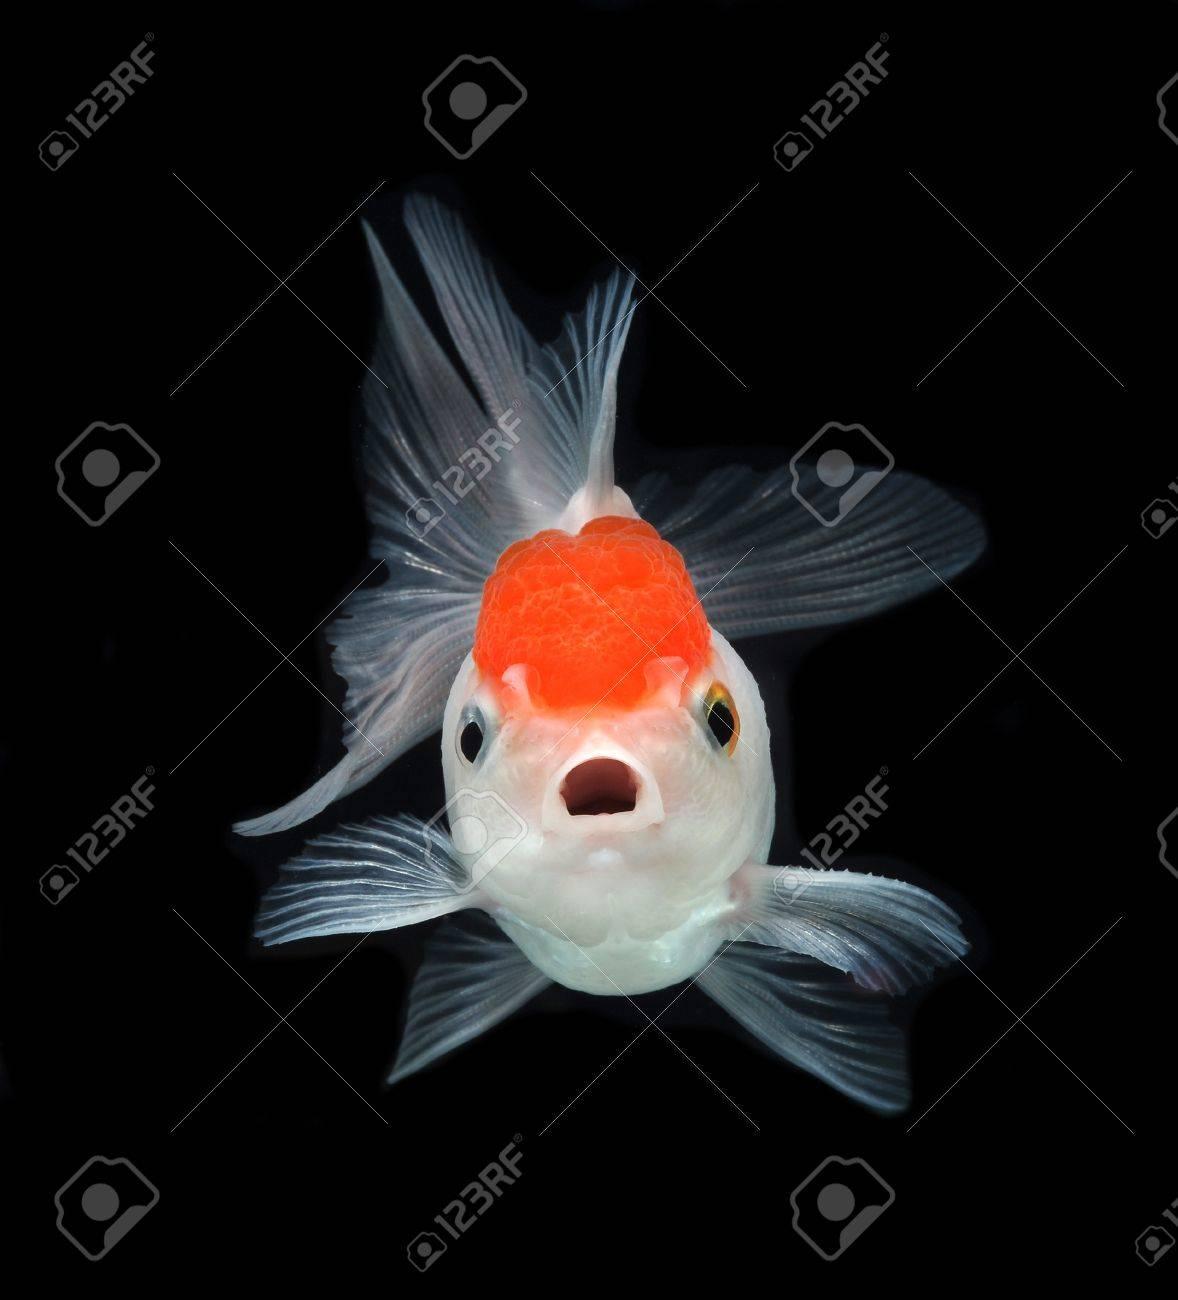 goldfish on black background Stock Photo - 14568537